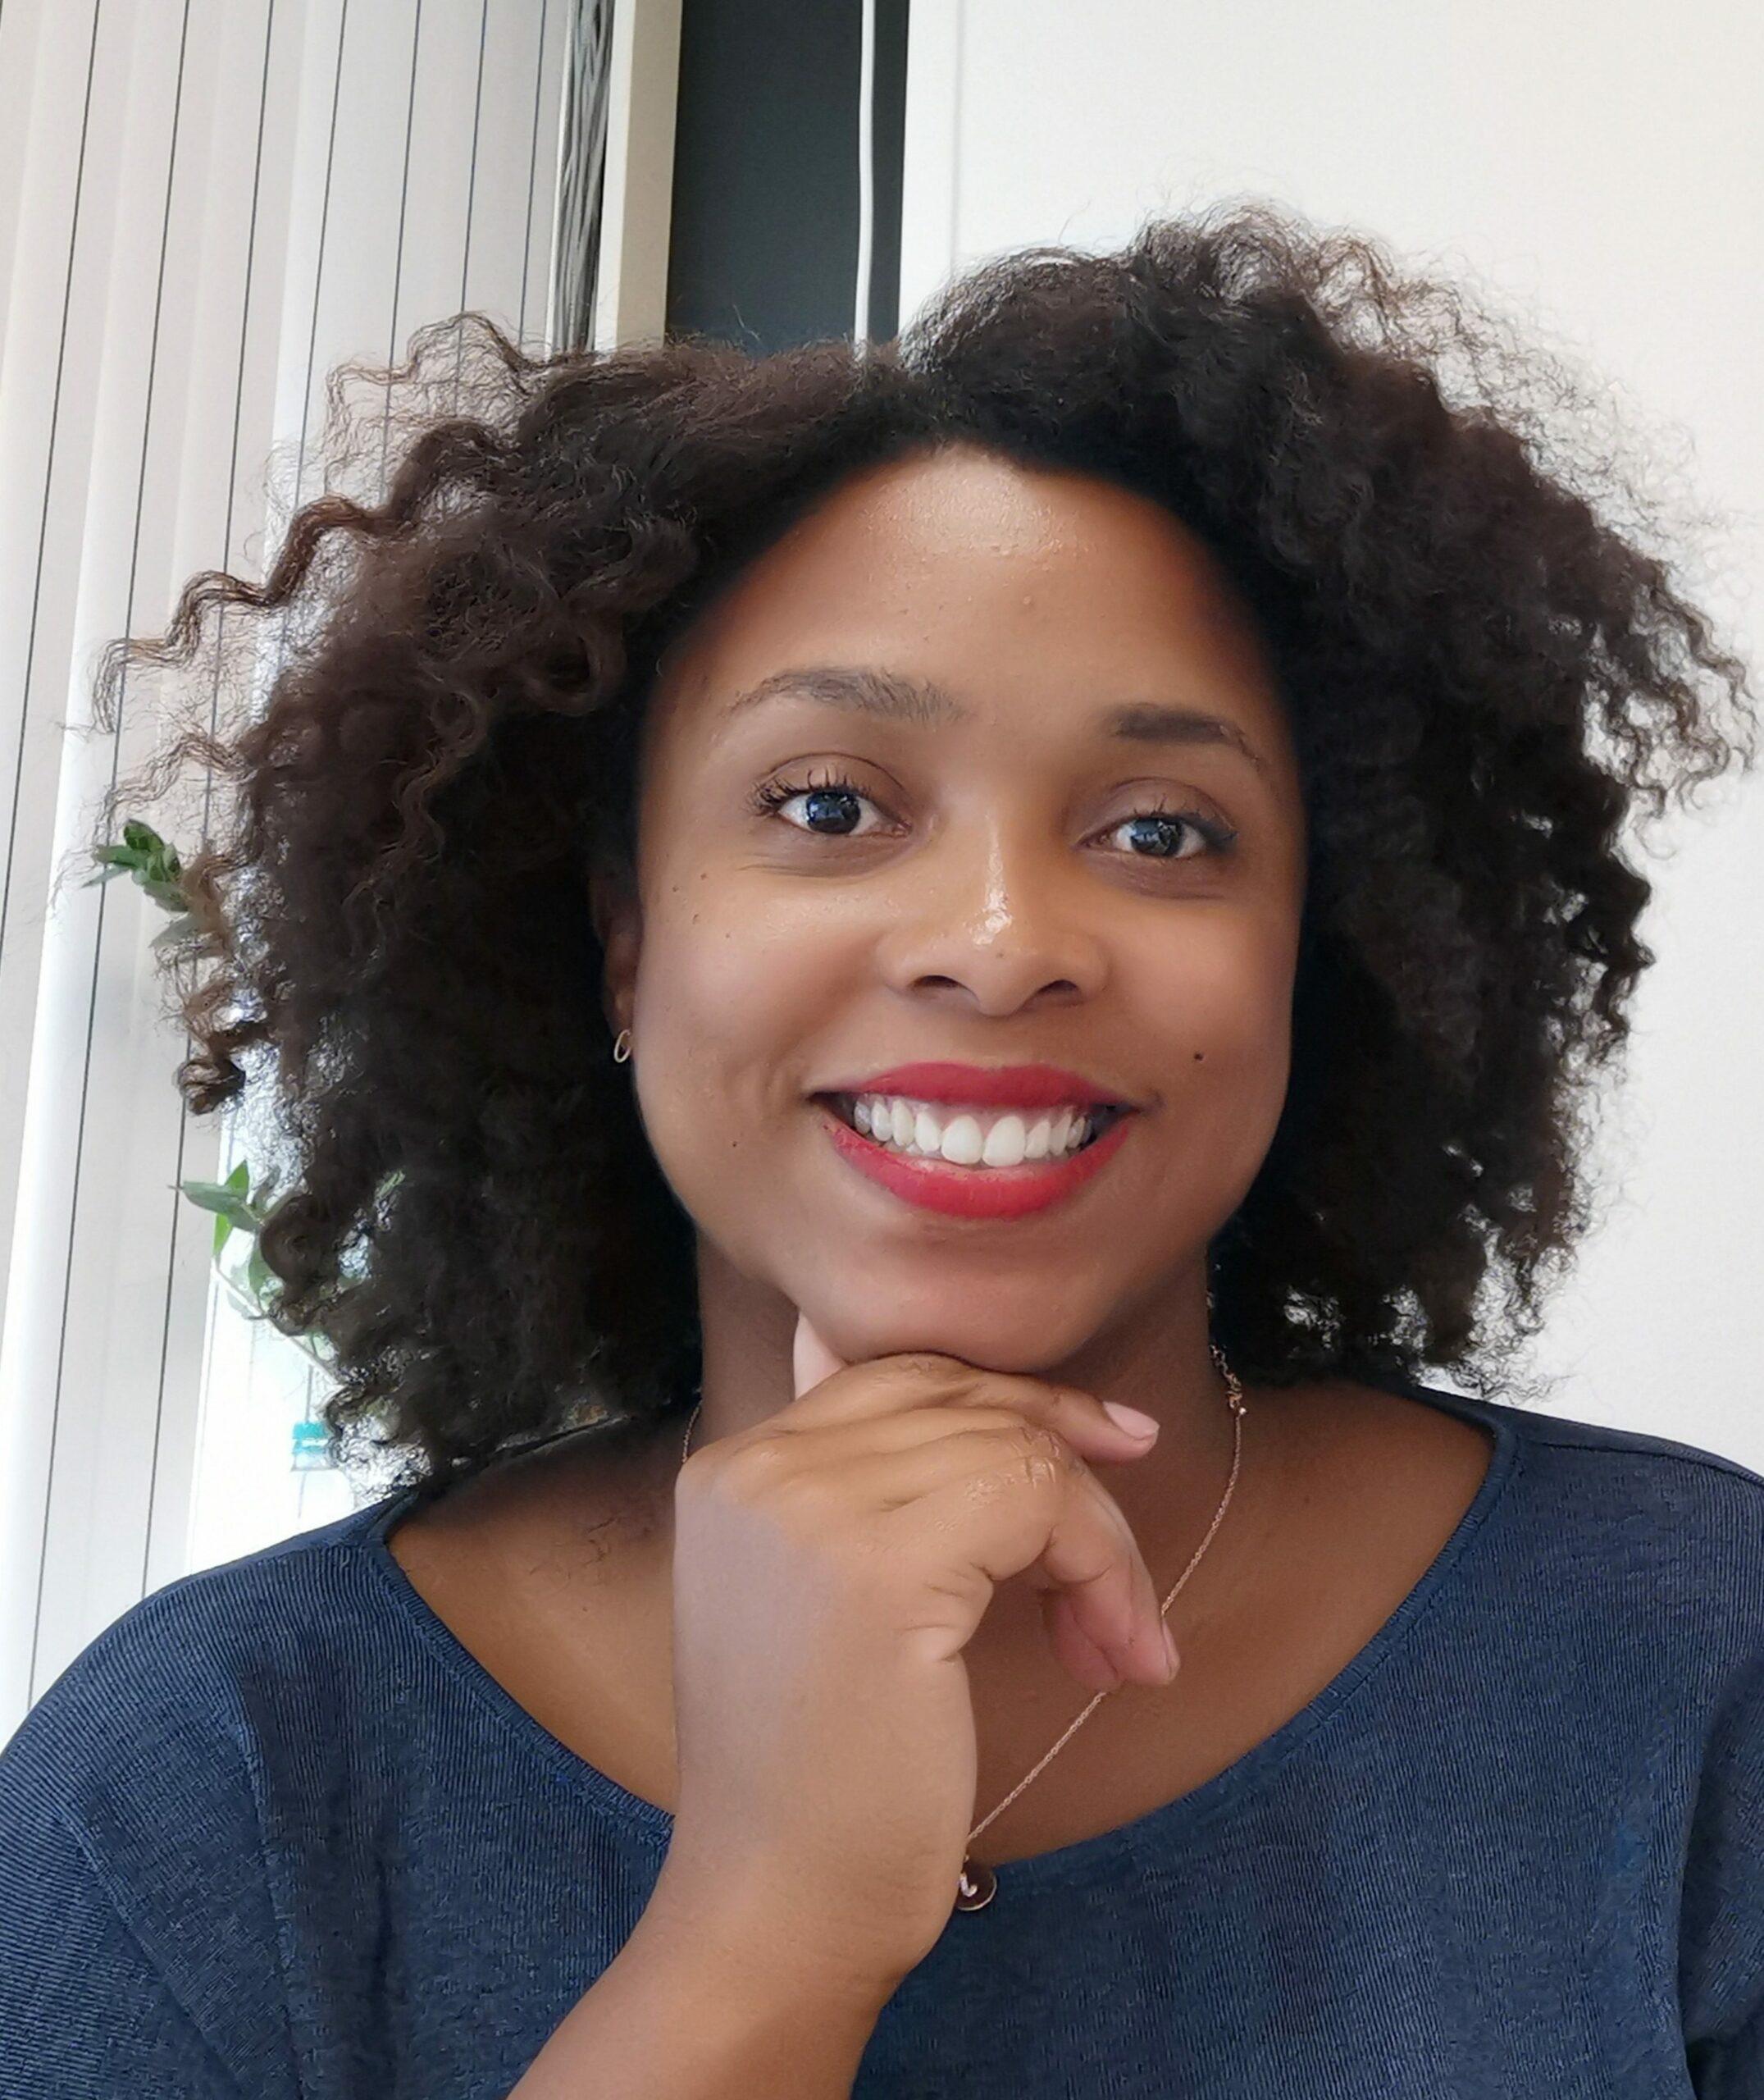 Zwarte vrouw met rode lippenstift, zwarte krullen en een blauwe blouse